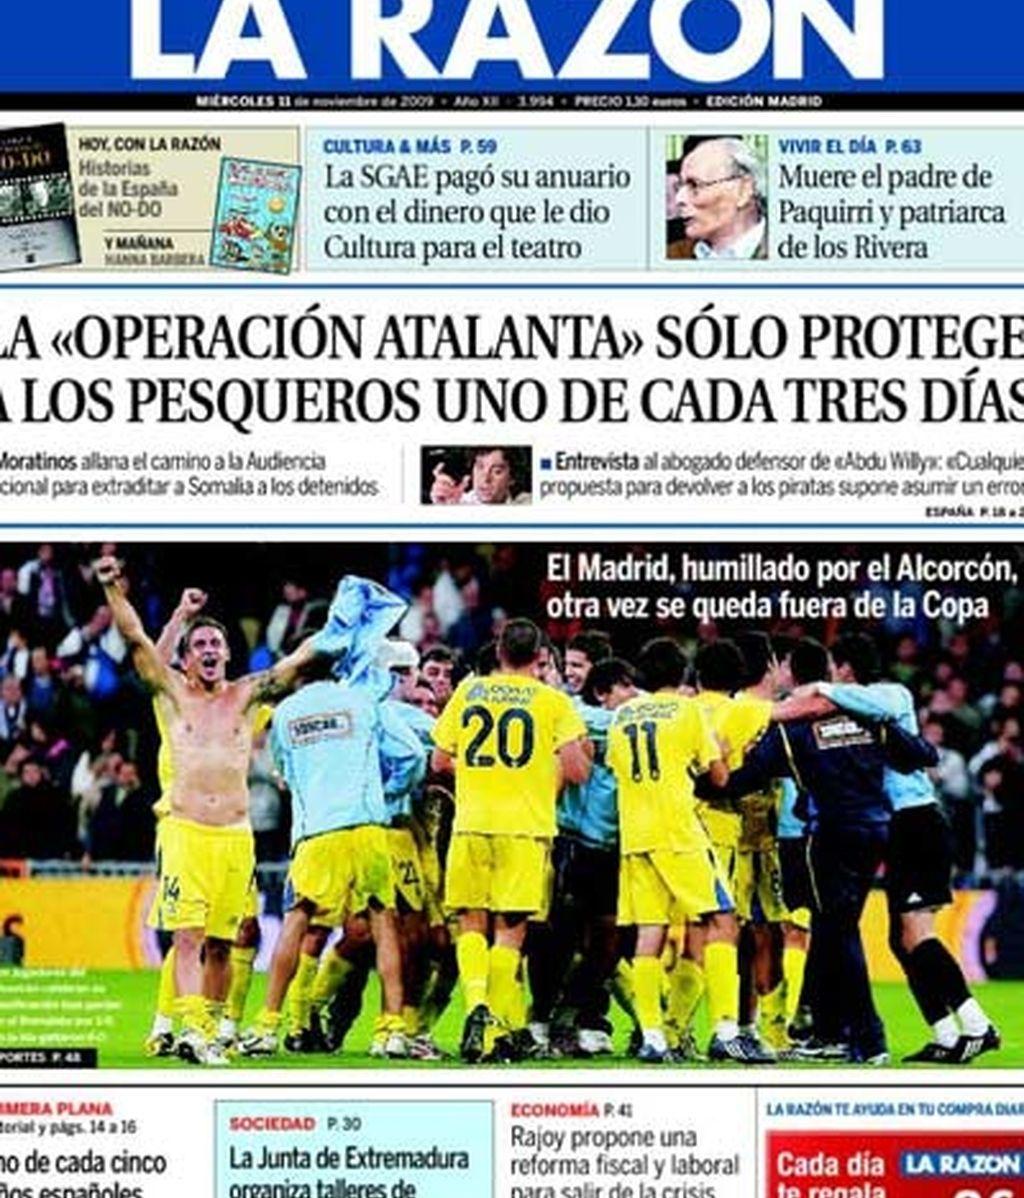 'El Madrid, humillado por el Alcorcón'